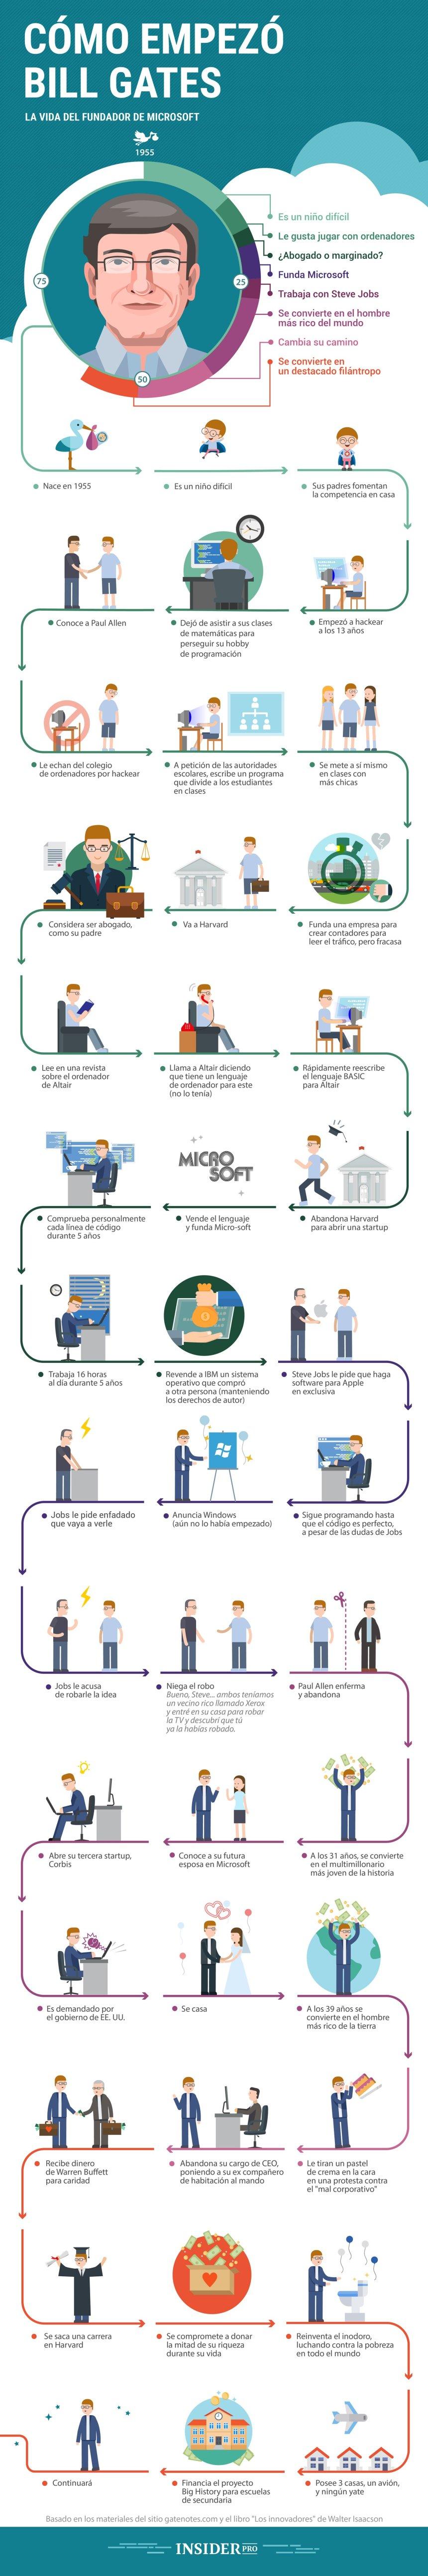 Cómo empezó Bill Gates (fundador de Microsoft)